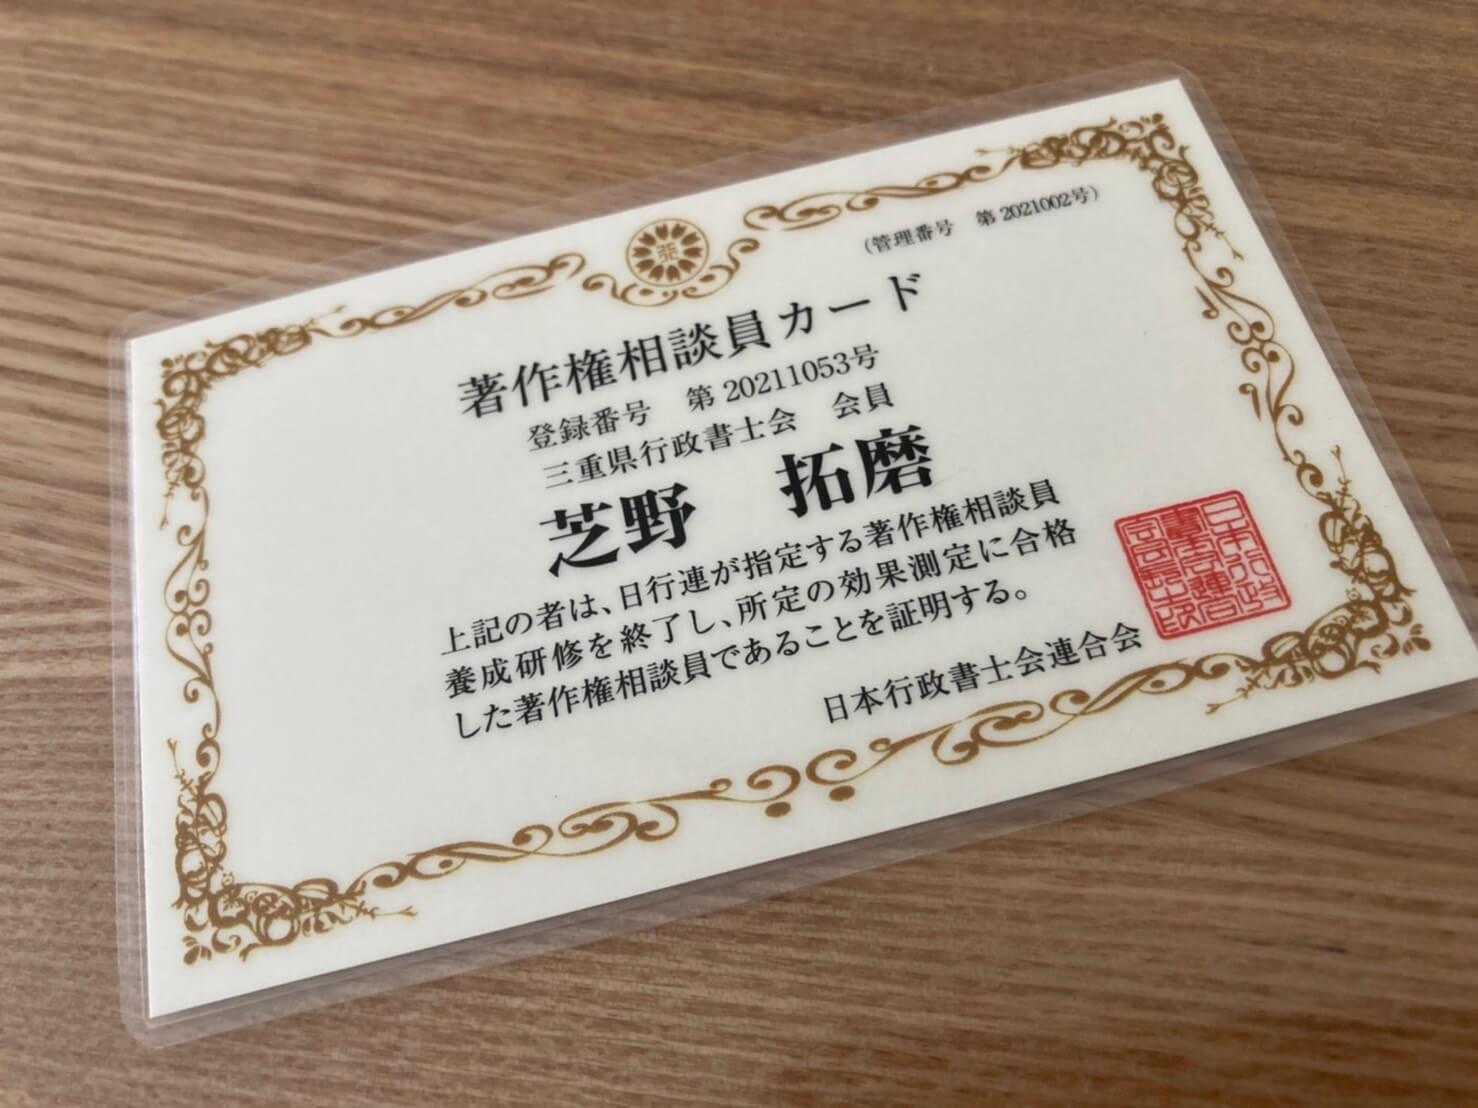 著作権相談員カード